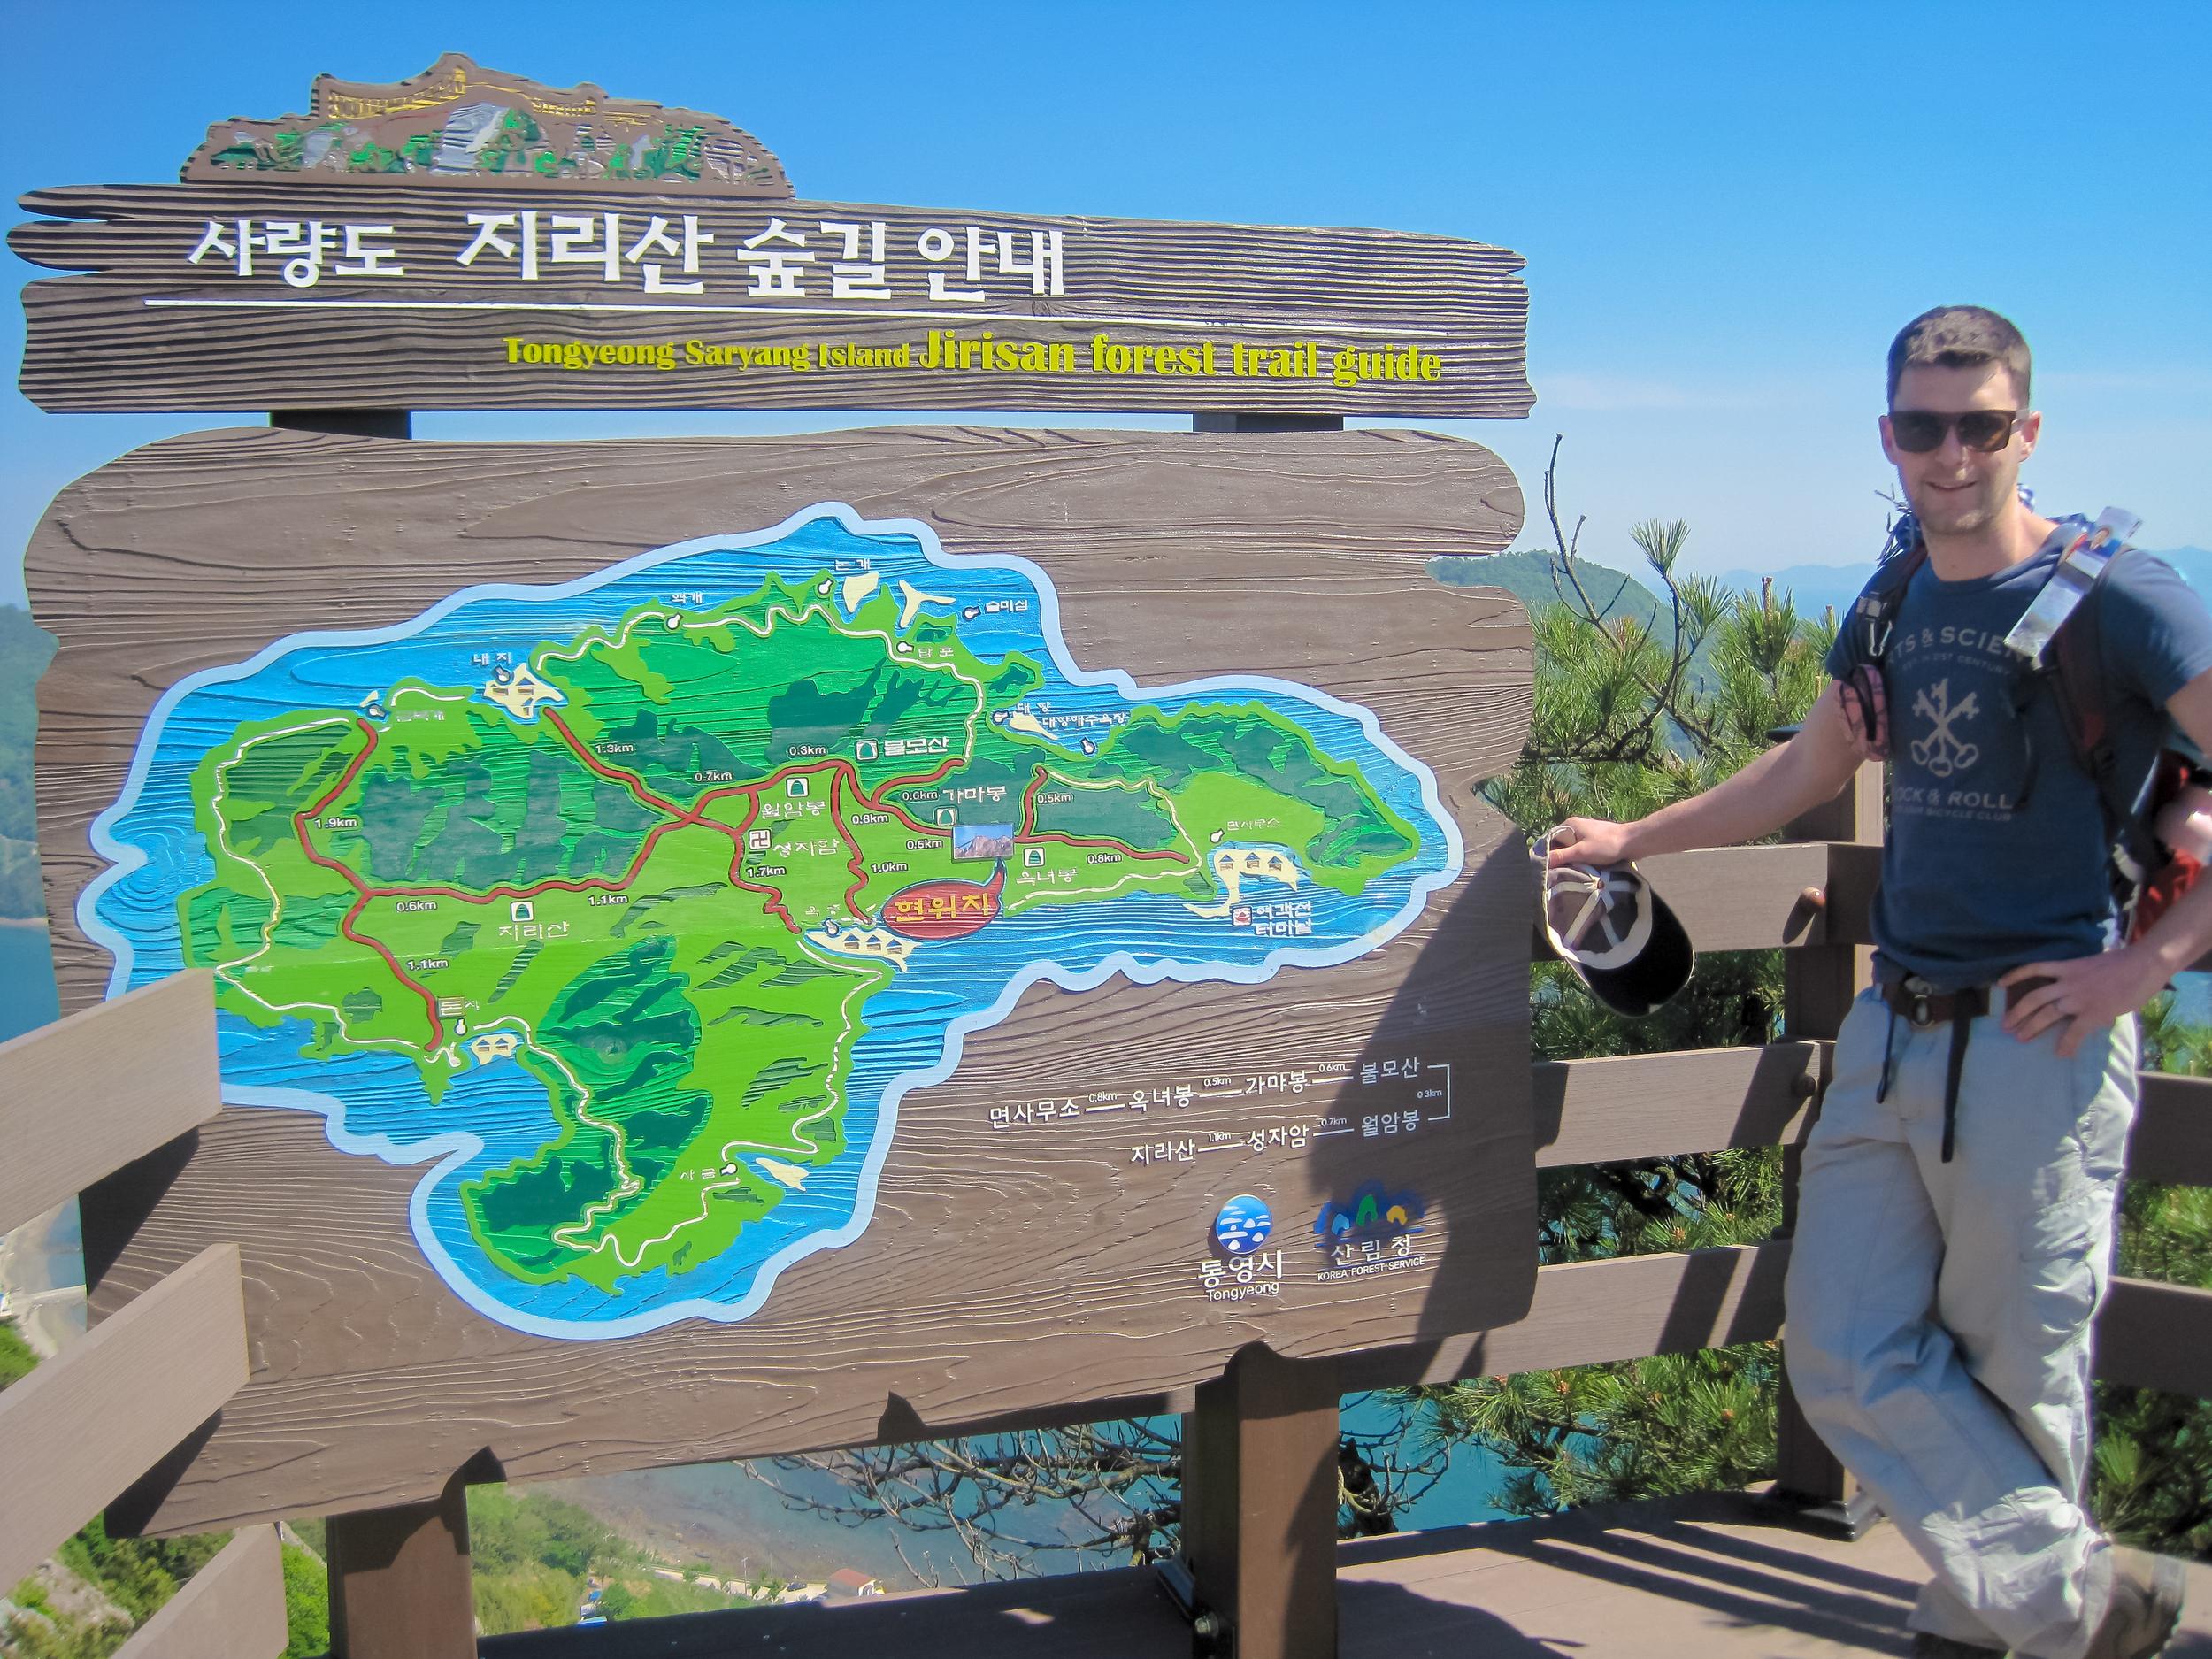 CGSSaryangIslandJaggedPeakHikeTongyeonSouthKorea (45 of 65).jpg